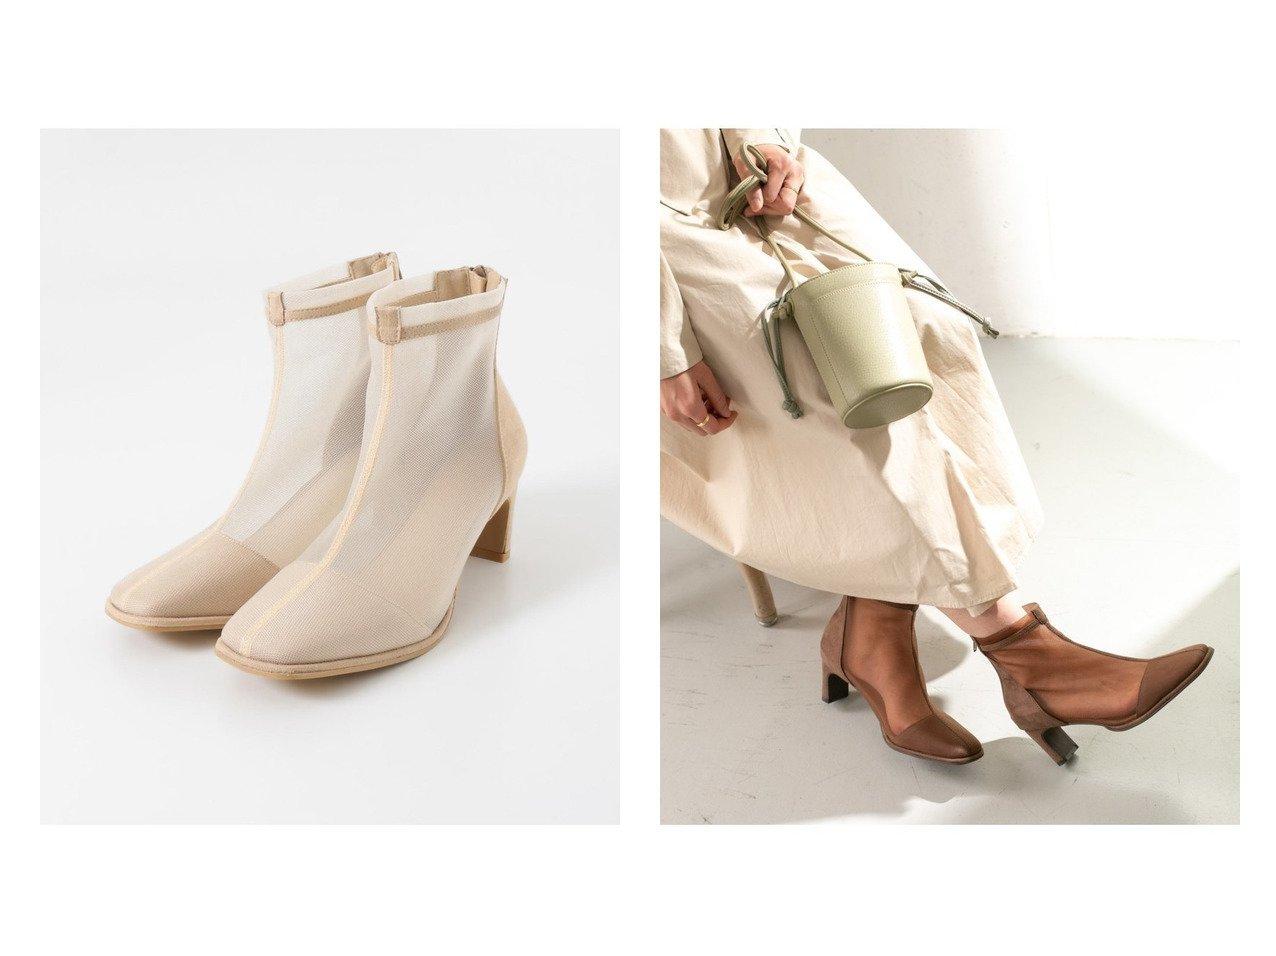 【KBF / URBAN RESEARCH/ケービーエフ】のメッシュブーツ URBAN RESEARCHのおすすめ!人気、トレンド・レディースファッションの通販  おすすめで人気の流行・トレンド、ファッションの通販商品 メンズファッション・キッズファッション・インテリア・家具・レディースファッション・服の通販 founy(ファニー) https://founy.com/ ファッション Fashion レディースファッション WOMEN NEW・新作・新着・新入荷 New Arrivals シューズ ショート スタイリッシュ ソックス タイツ フロント メッシュ  ID:crp329100000016794